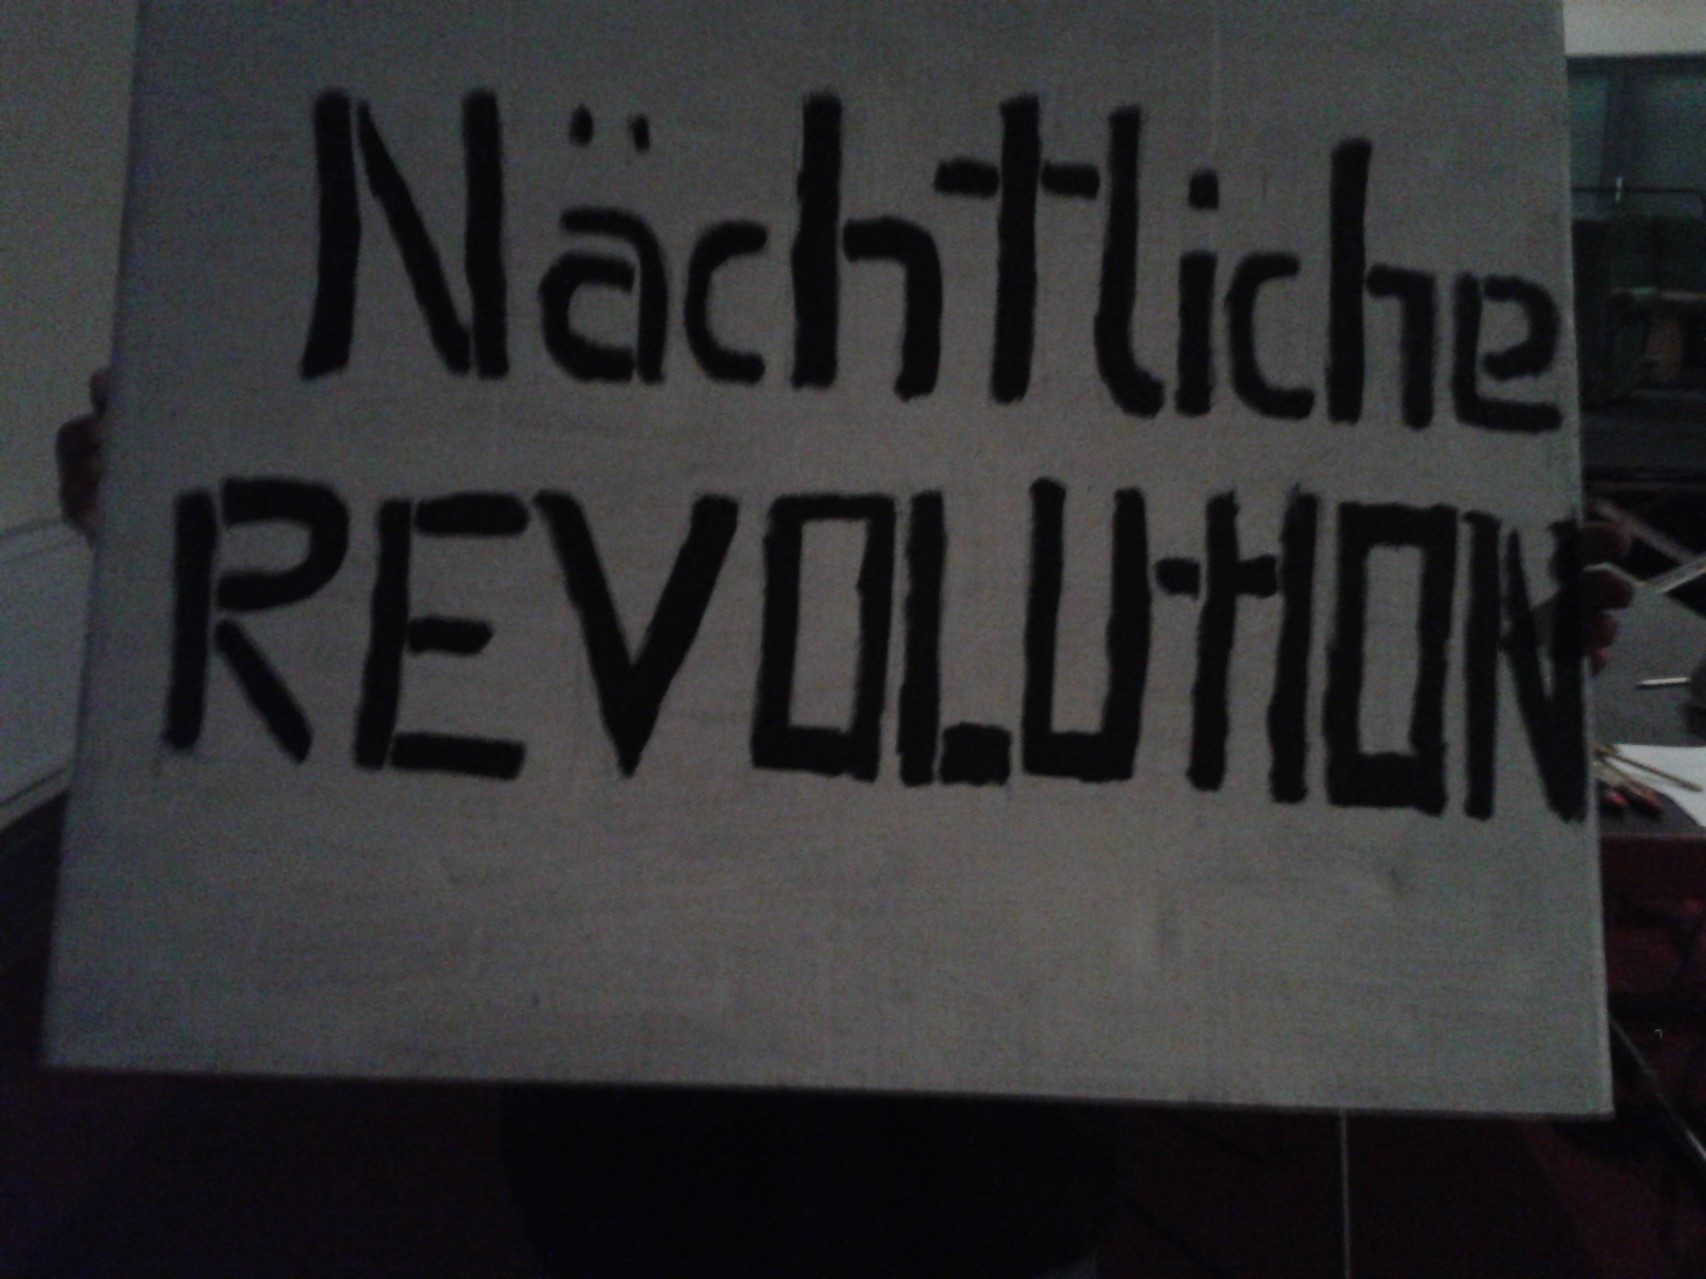 Subjekt: Mensch - Nächtliche Revolution